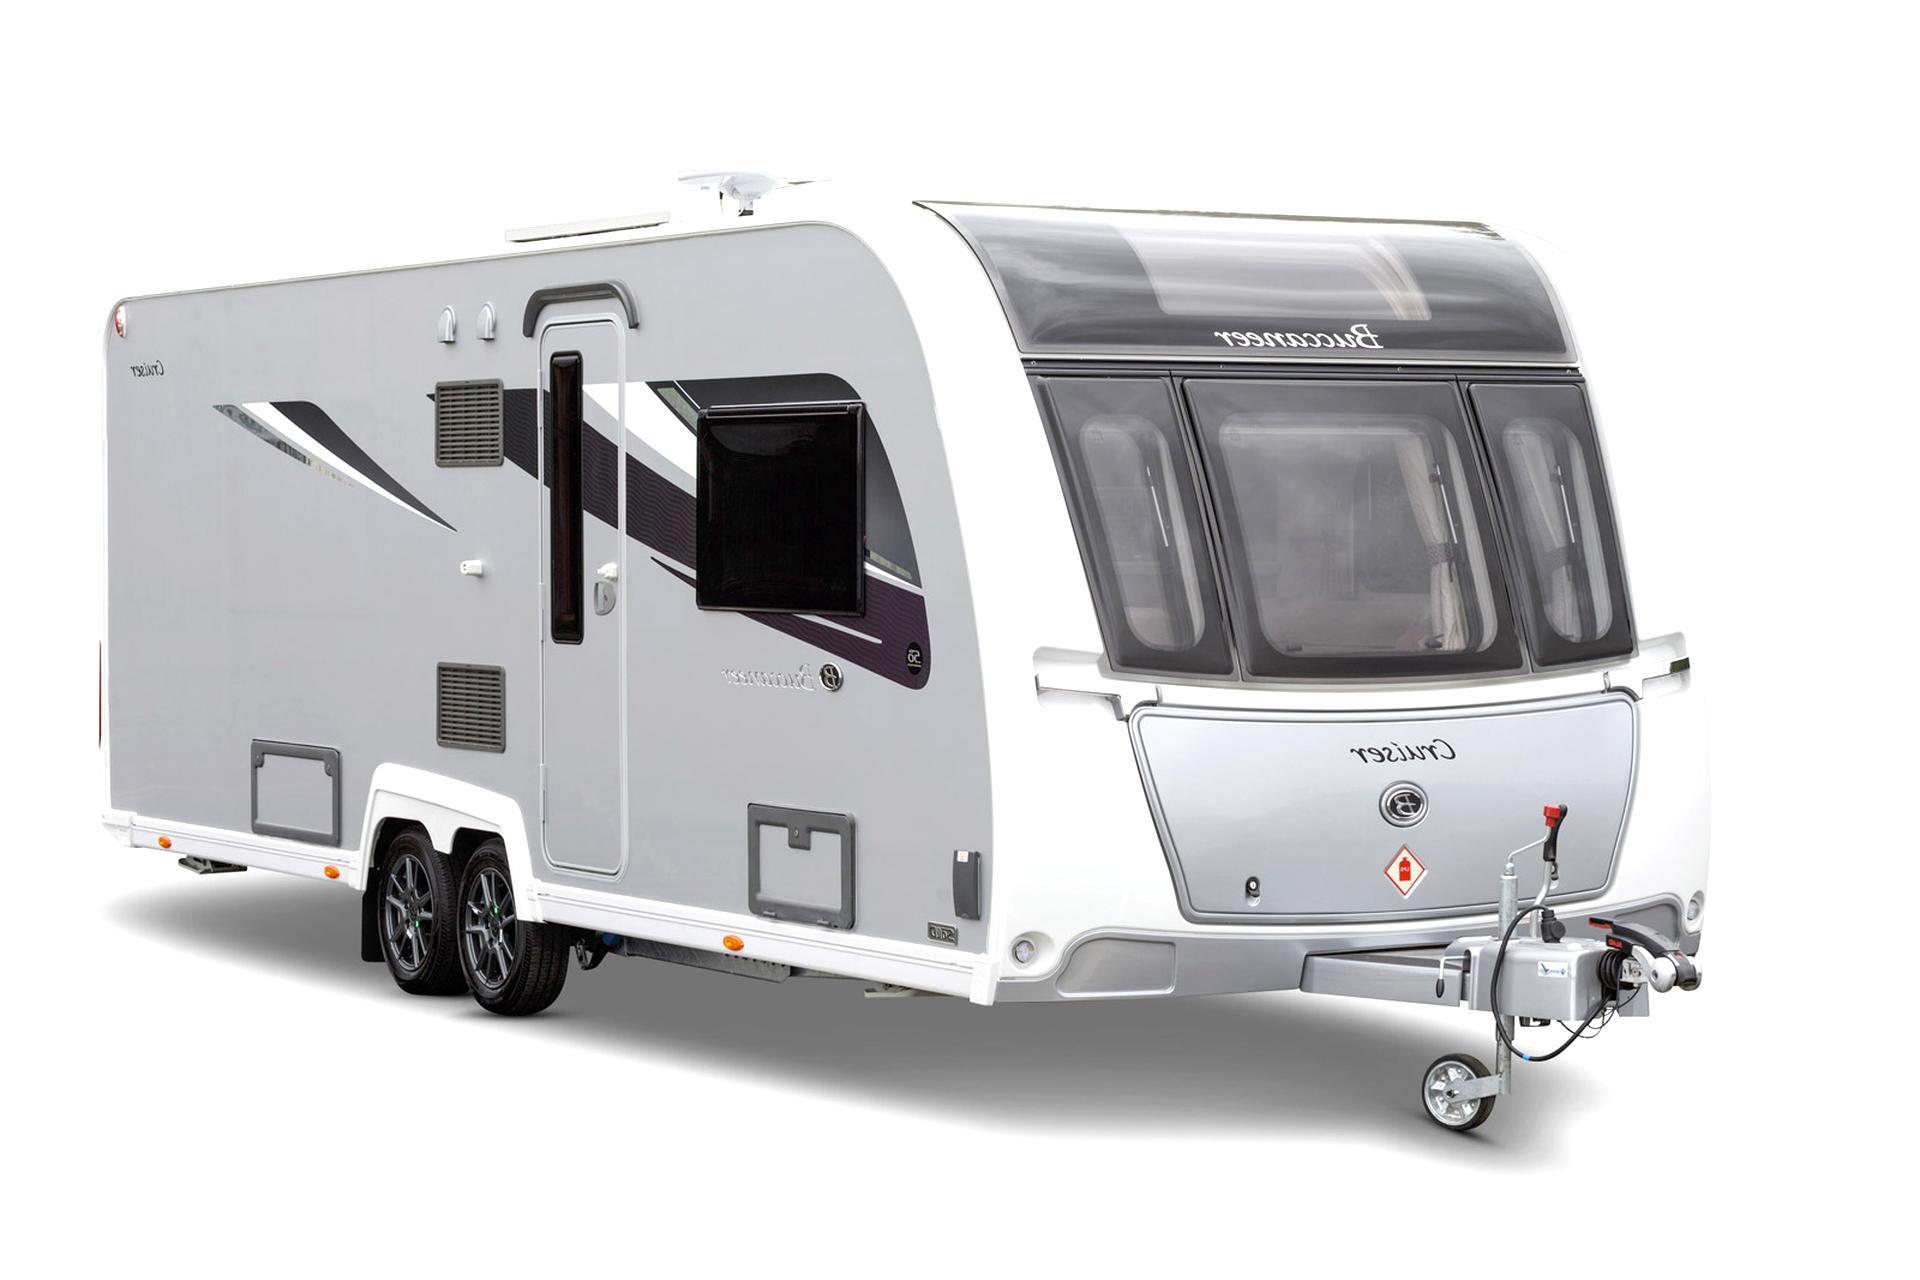 Buccaneer Argosy Caravan Fitted Sheet